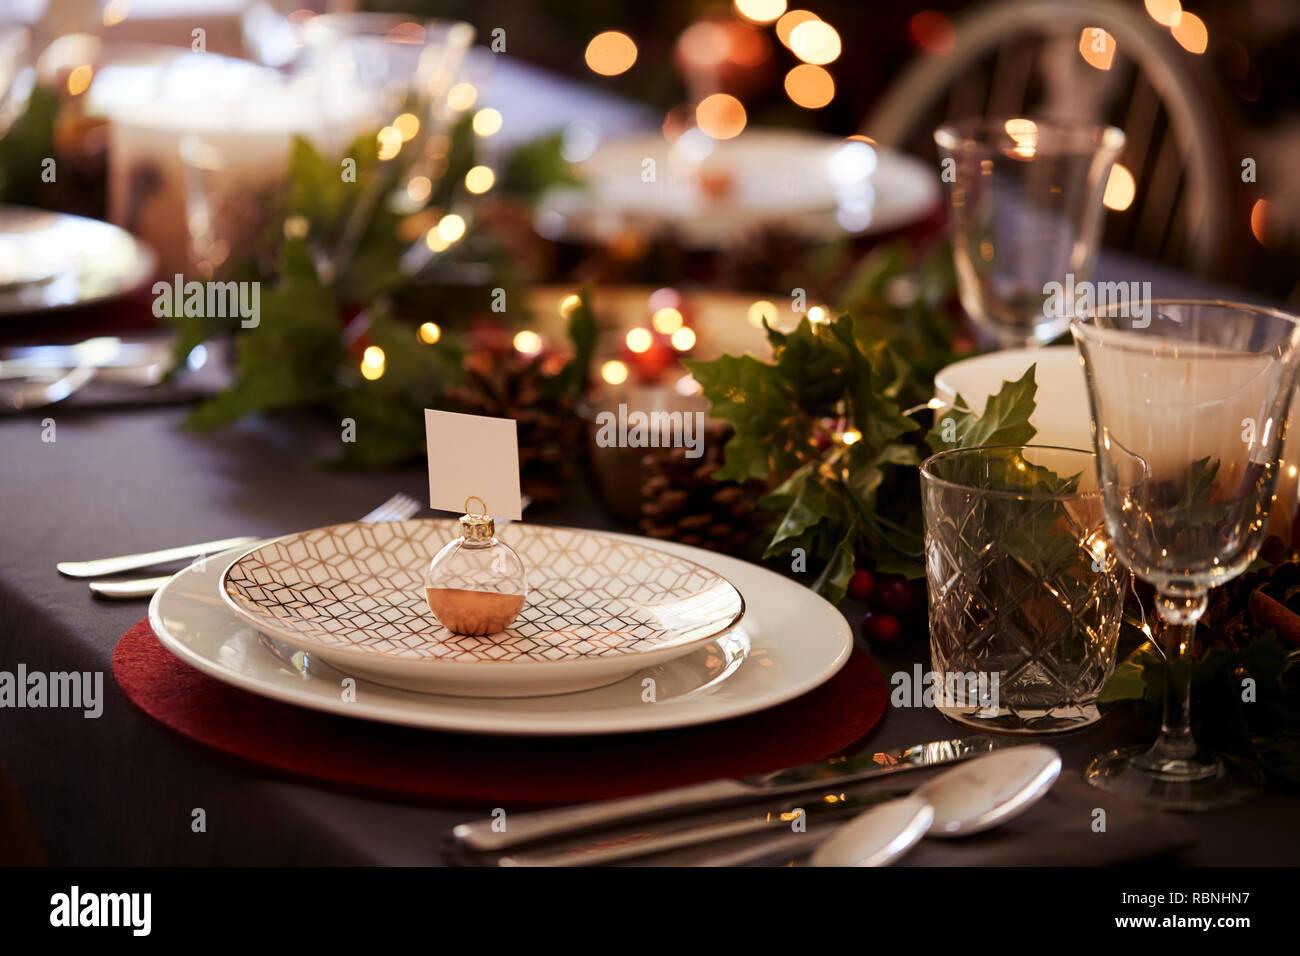 Weihnachten Tischdekoration Mit Weihnachtskugel Name Kartenhalter